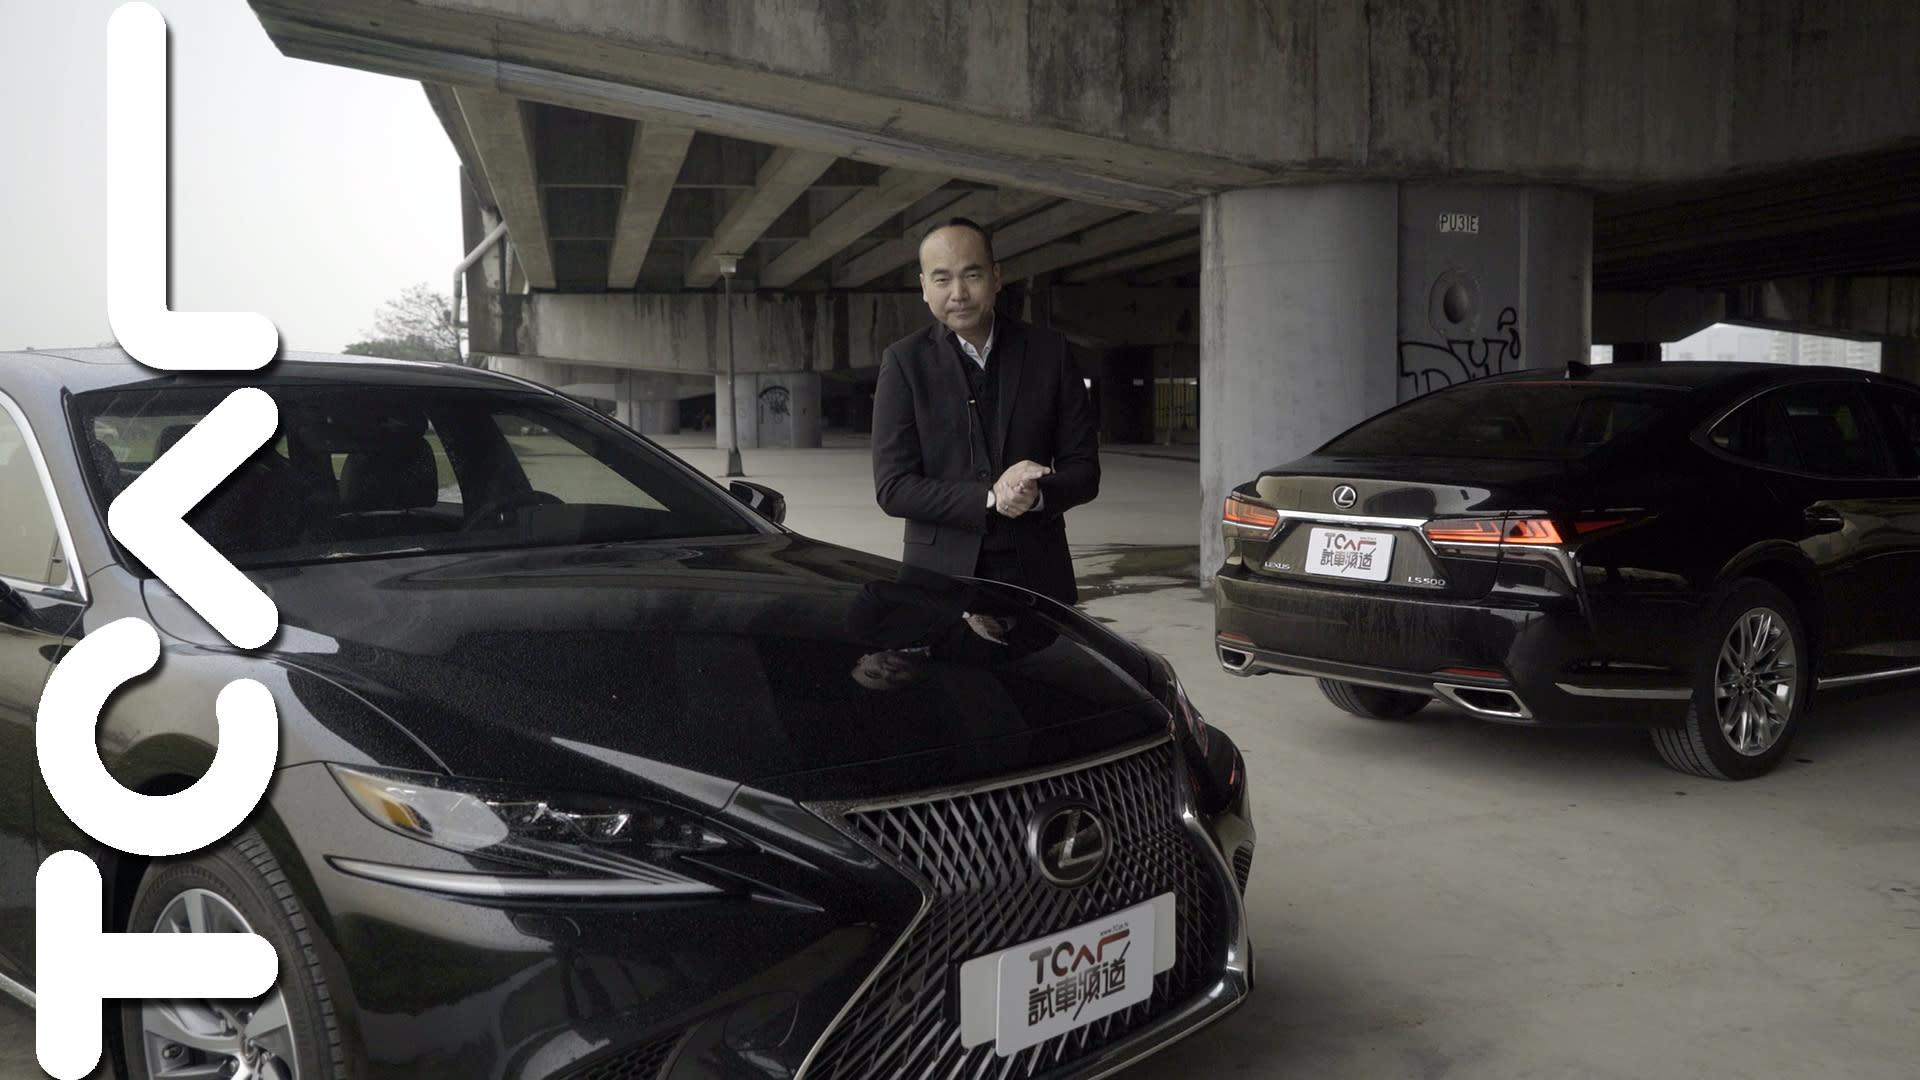 科技巡洋艦 Lexus LS 350/500 新車試駕 - TCAR